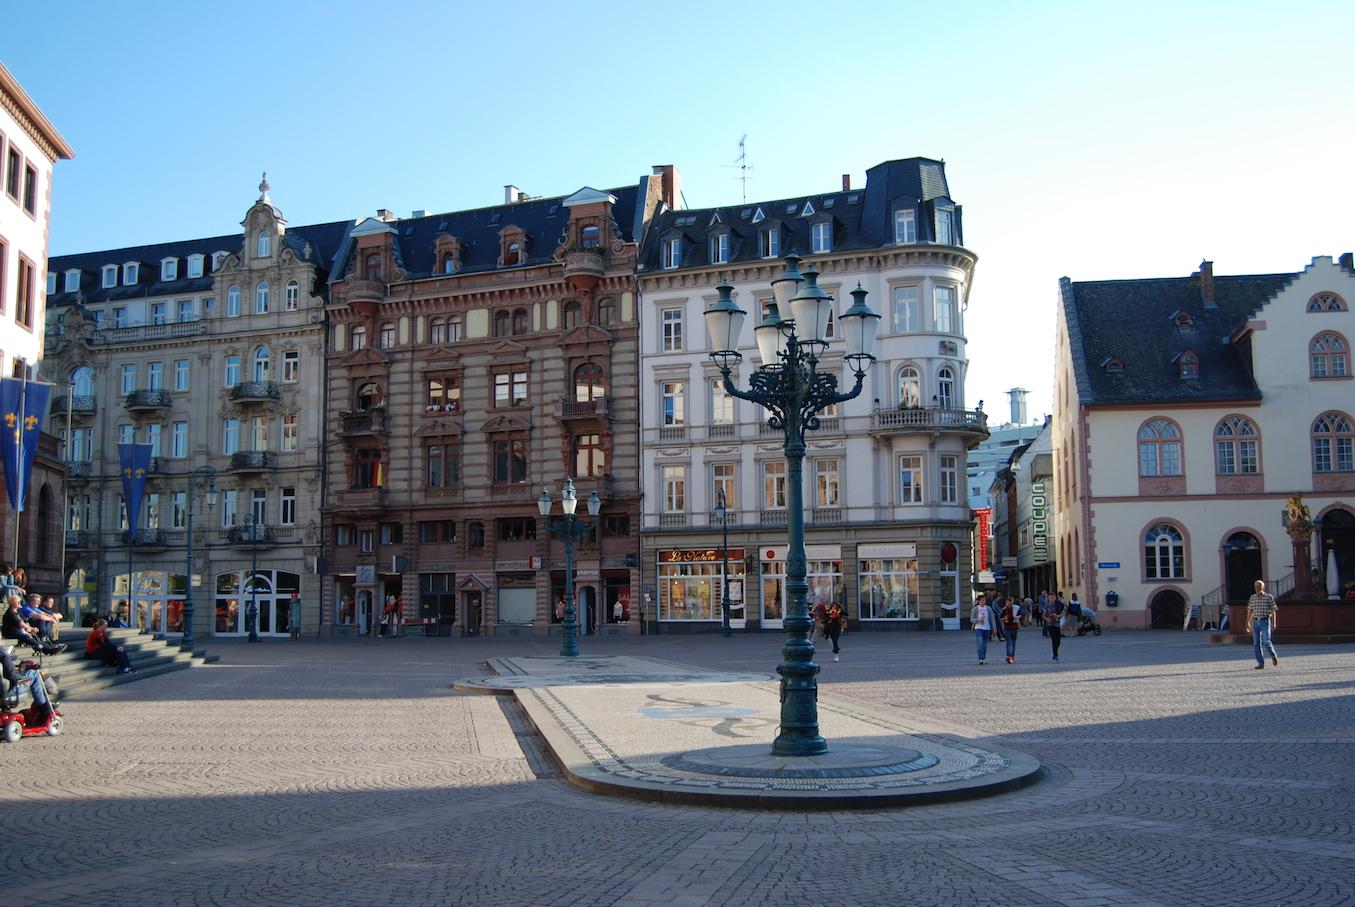 Way Wiesbaden